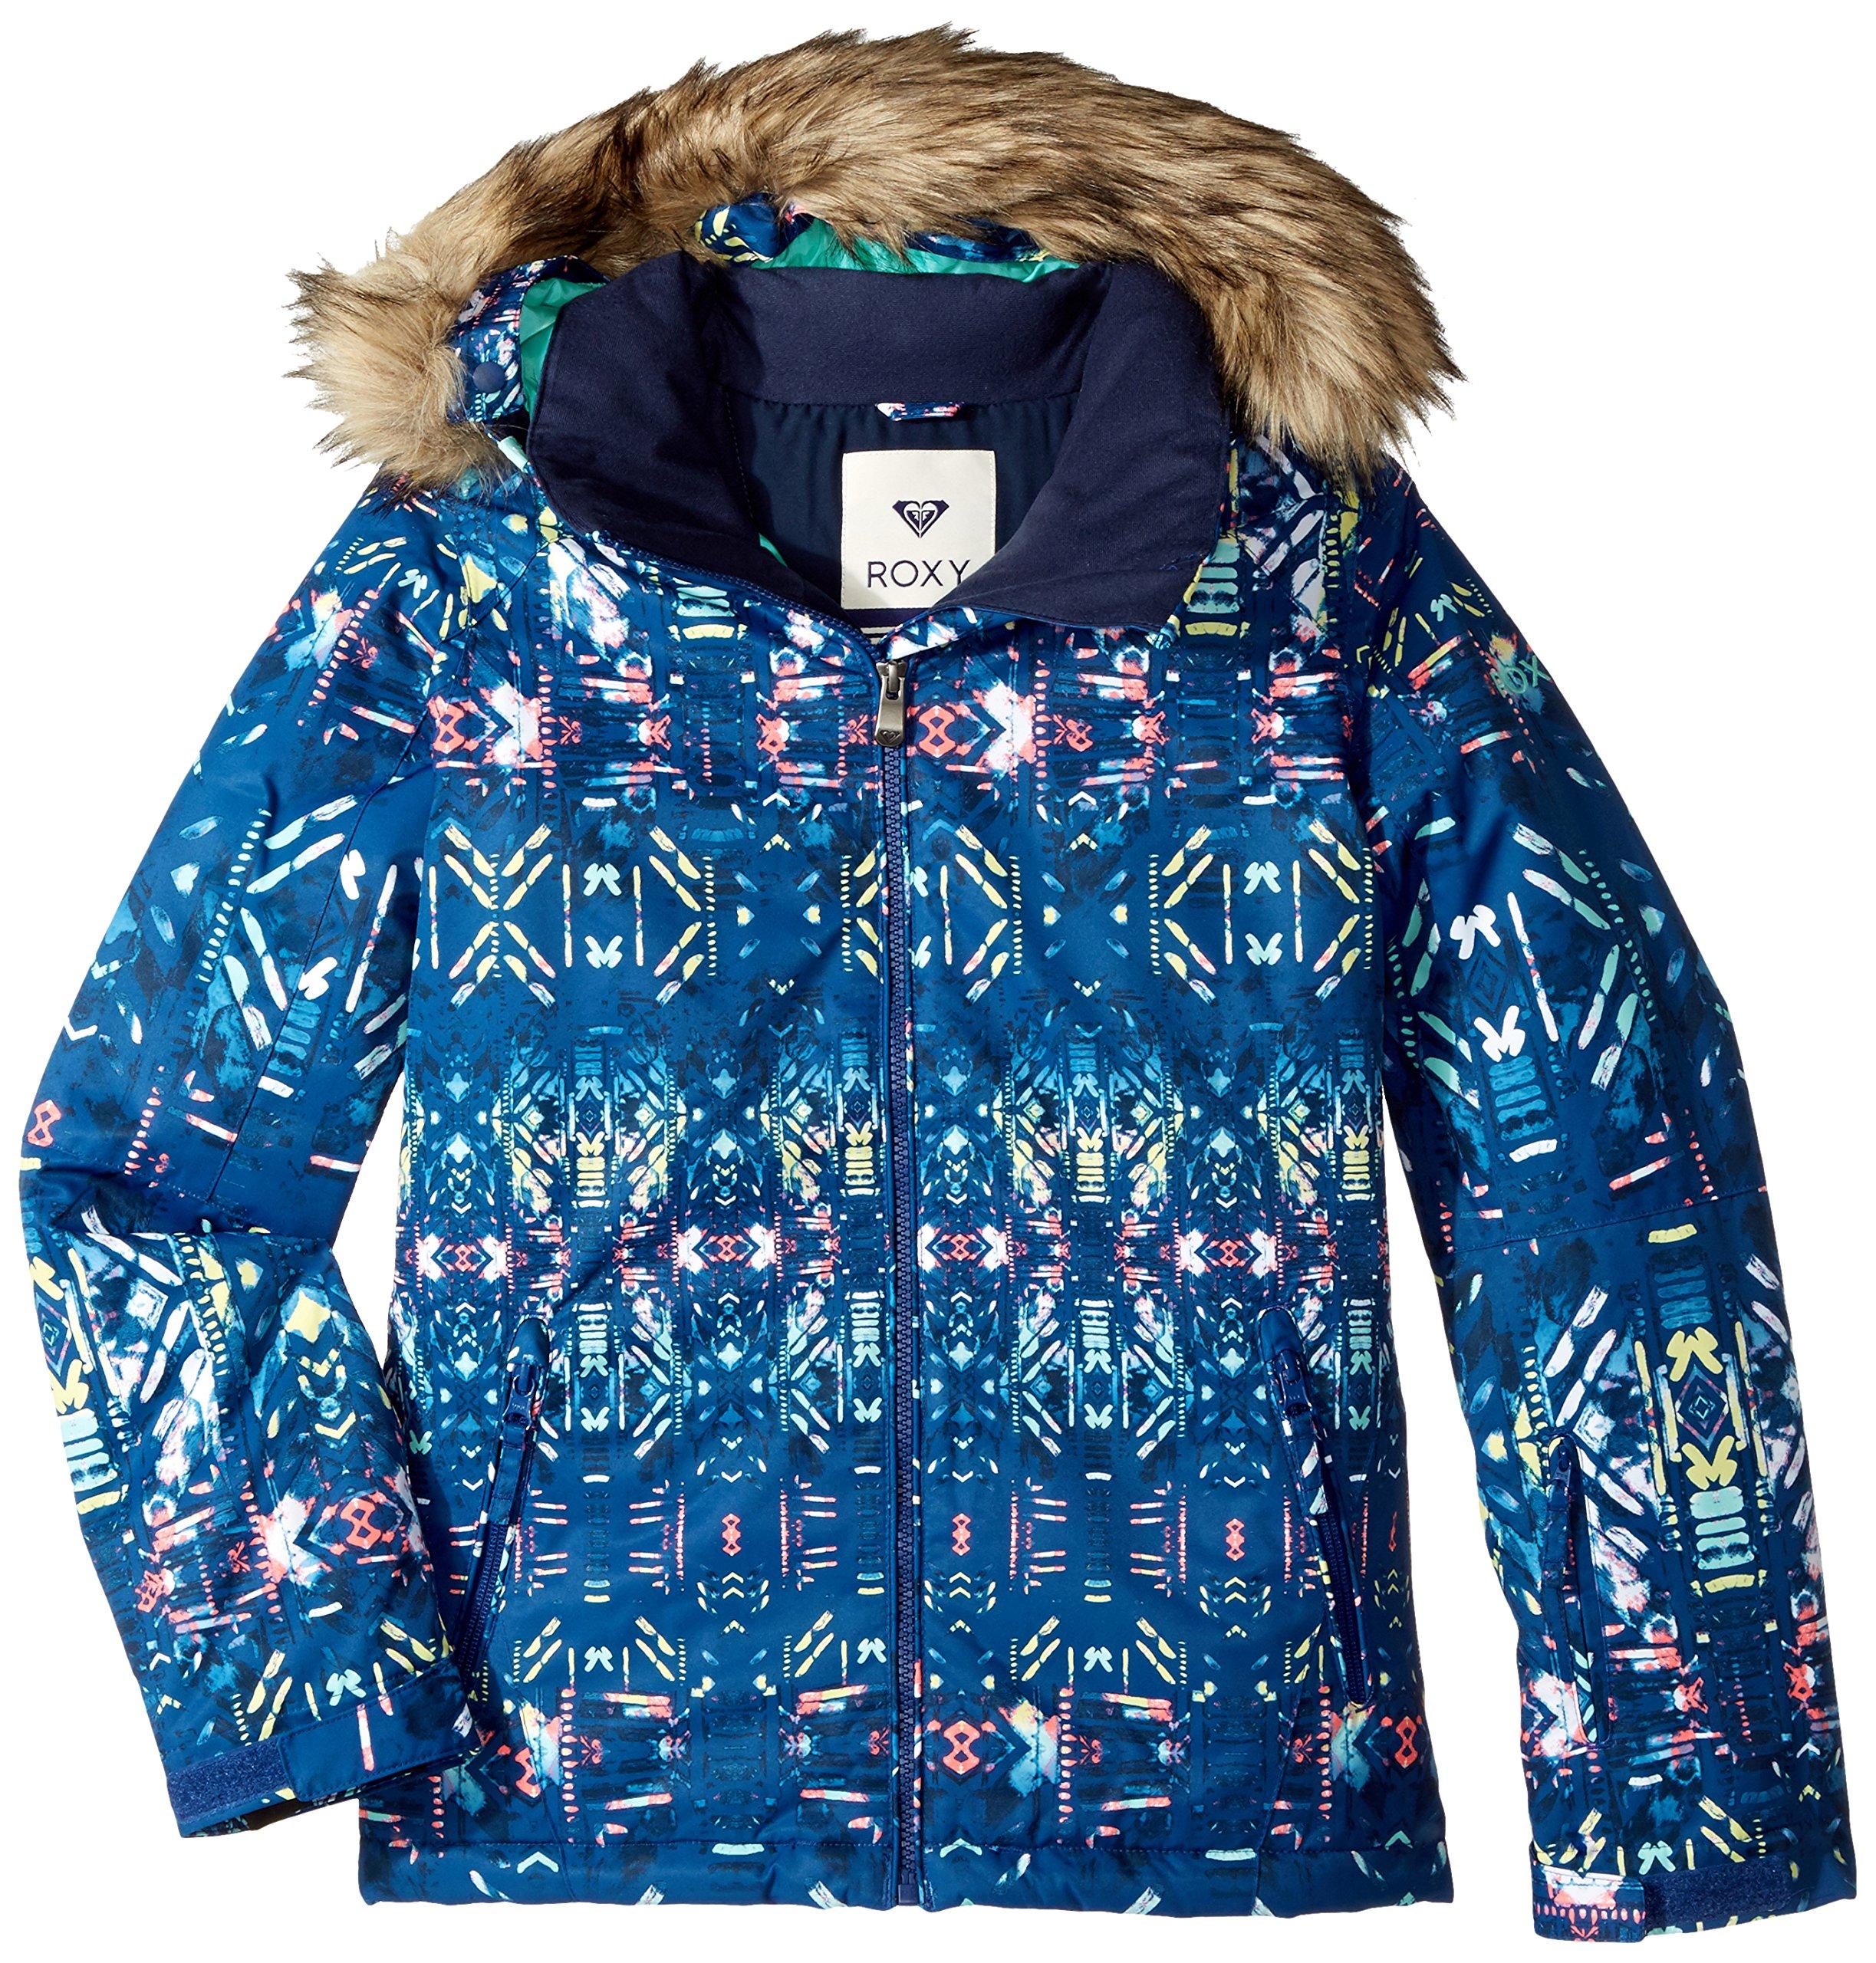 Roxy Big Girls' American Pie Snow Jacket, Sodalite Blue_Haveli Ikat, 8/Small by Roxy